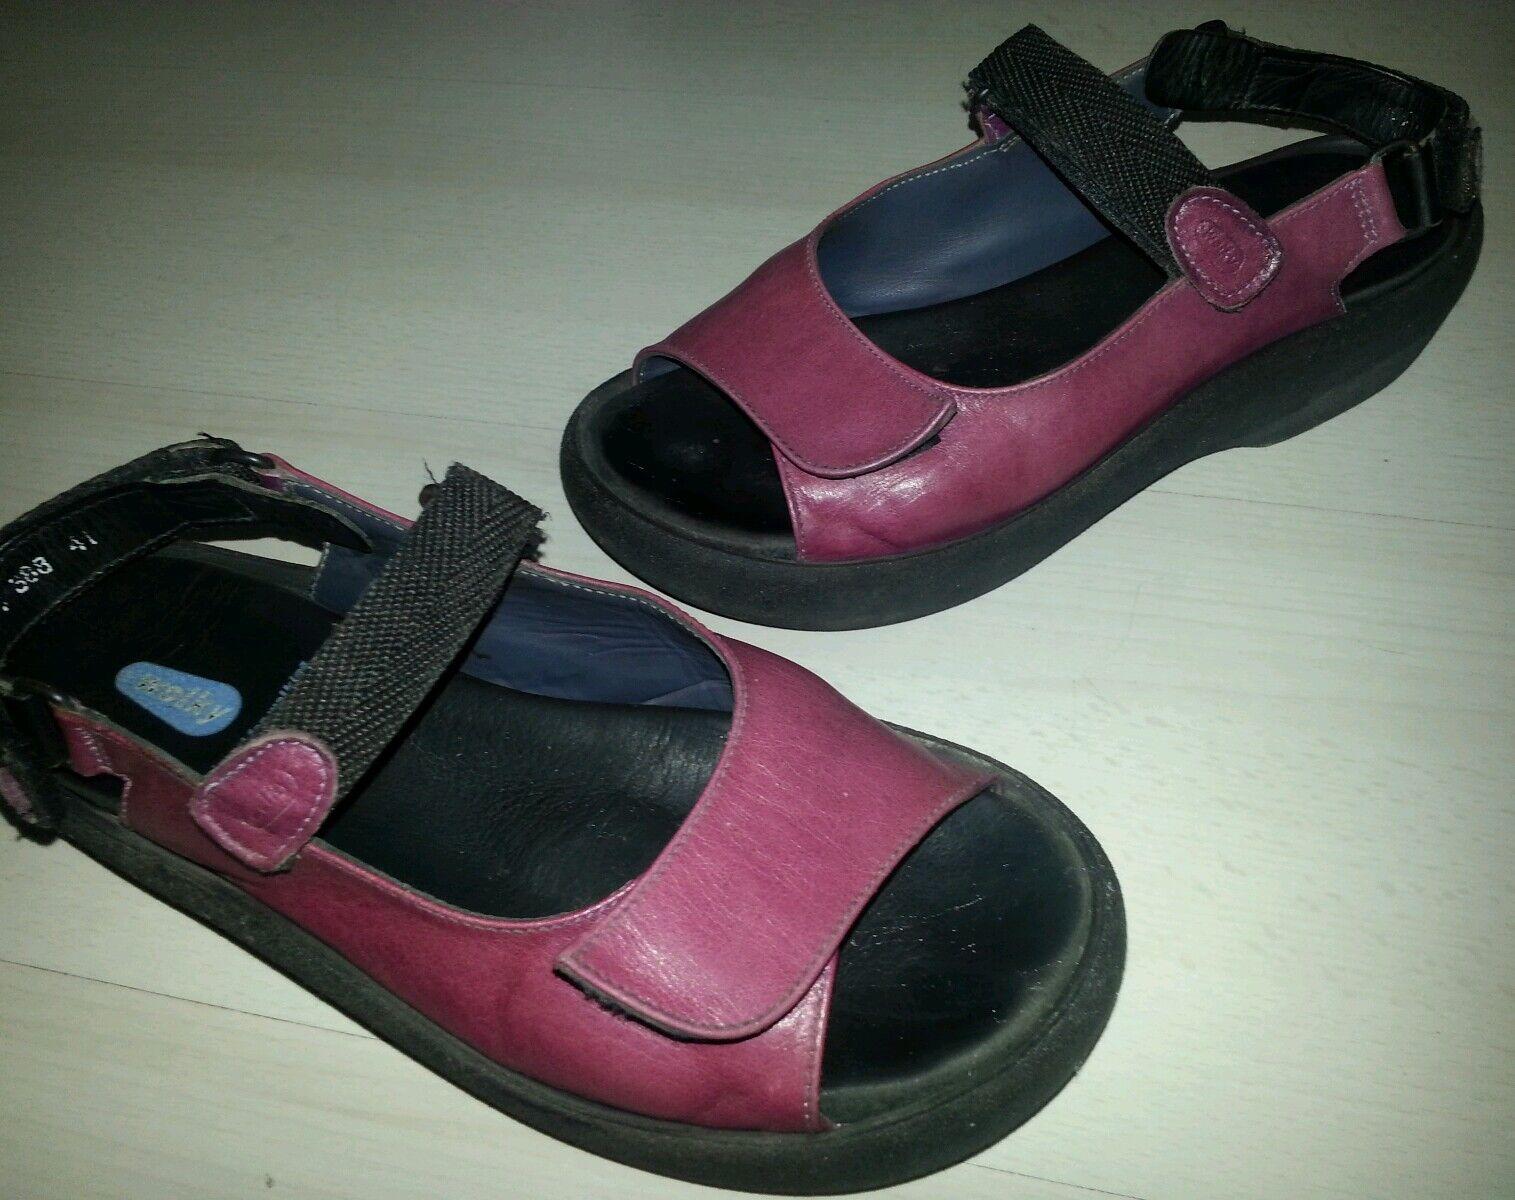 Wolky Damen Sandale Sandale Sandale Klettverschluss Lagenlook gr. 41 top e9a6d8